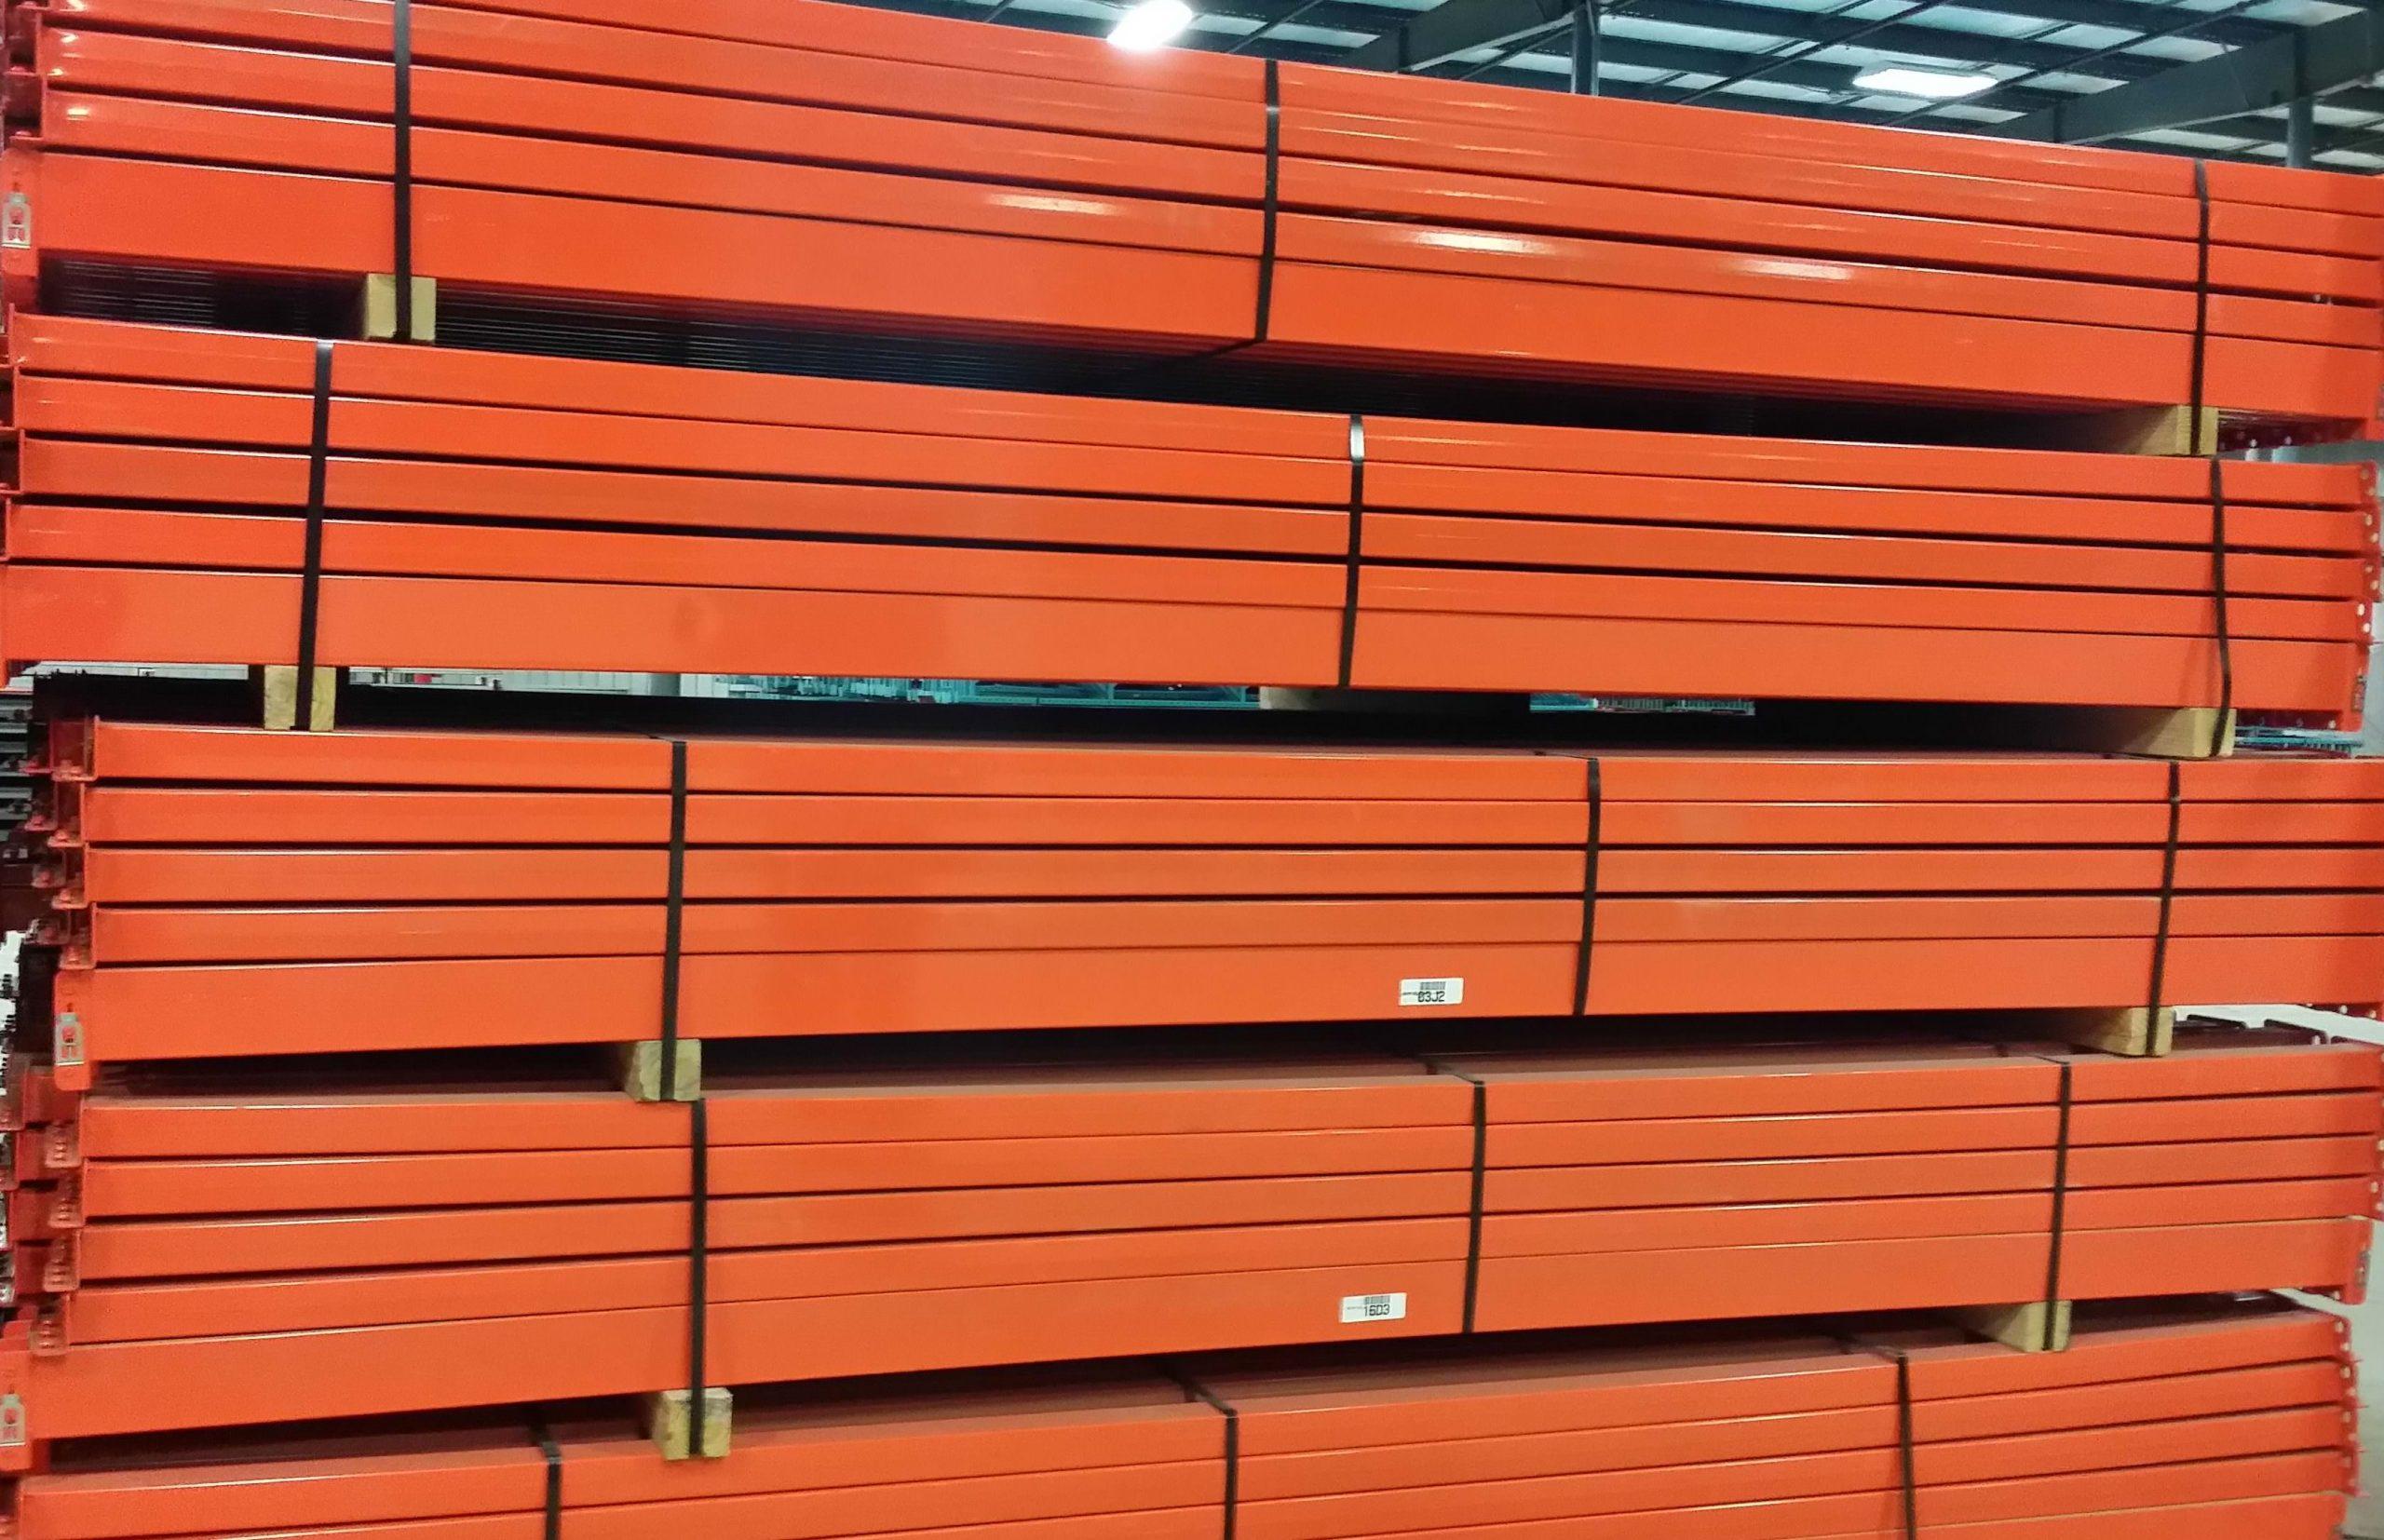 used teardrop pallet rack beams